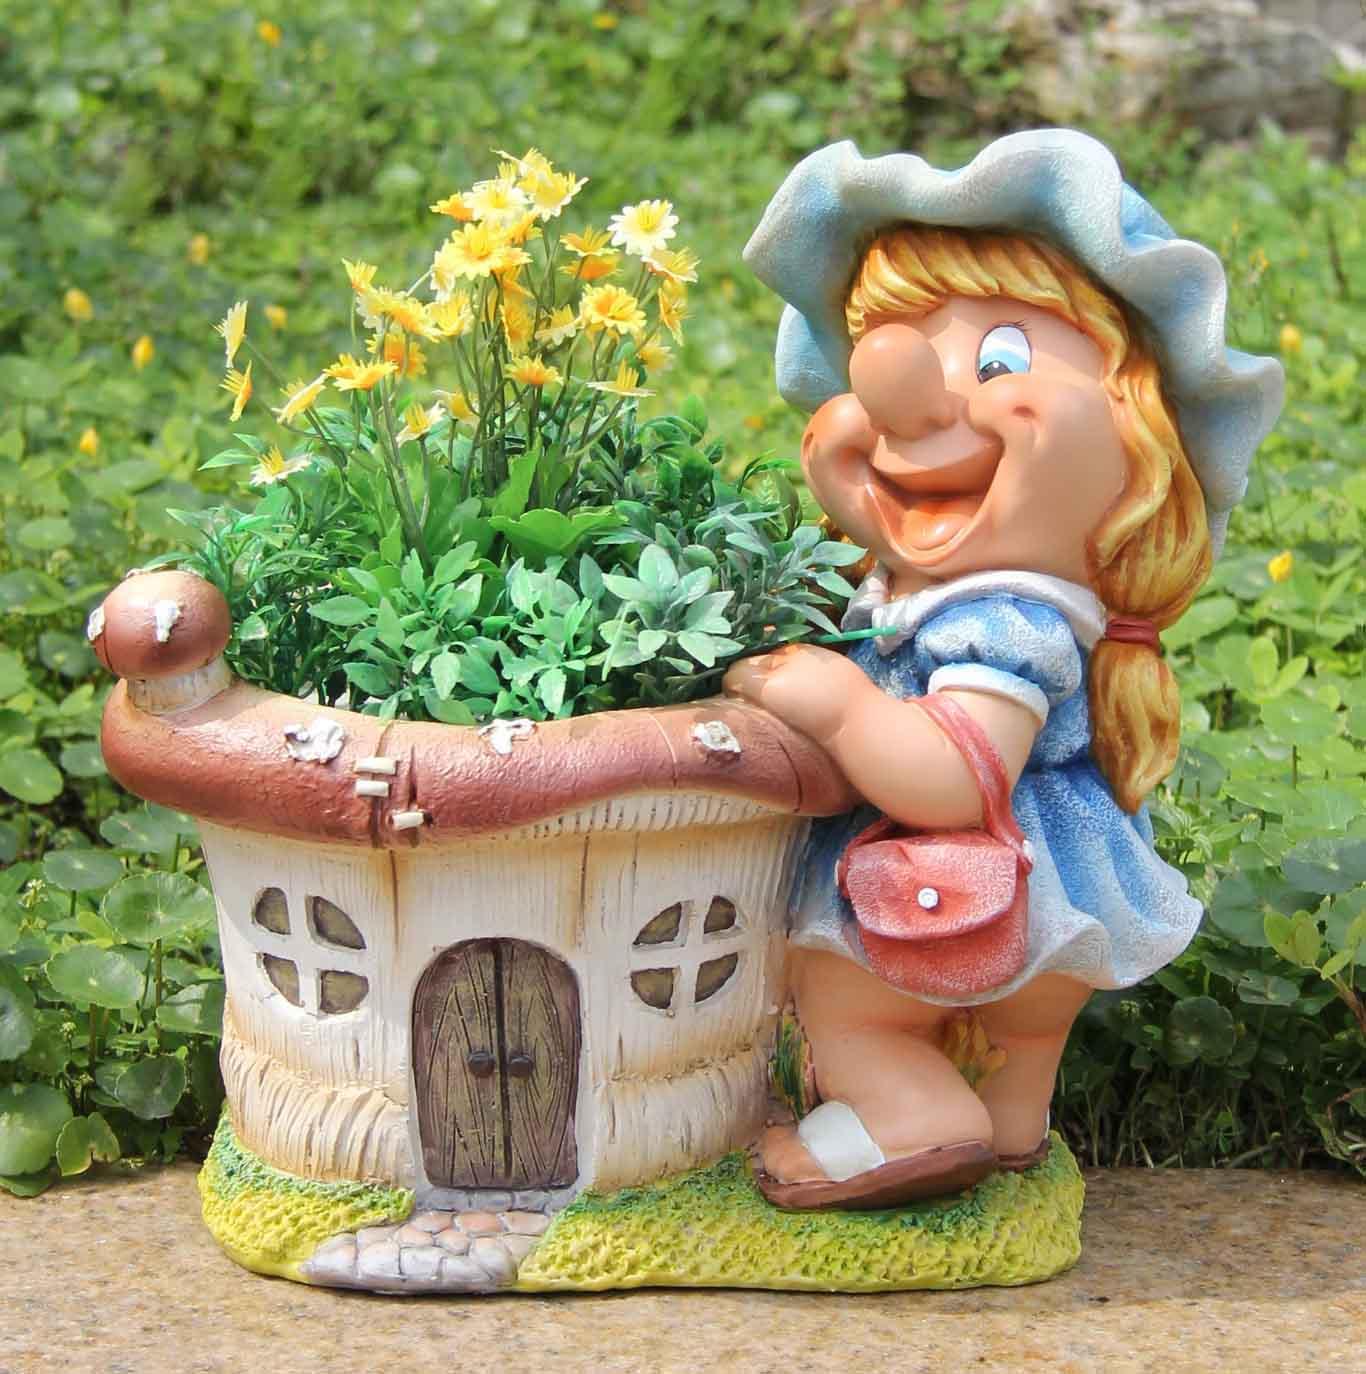 Détails Sur Design Nain Fille Avec Pot De Fleurs 30 Cm 91026-2 Jardin  Décoration pour Nain De Jardin Design